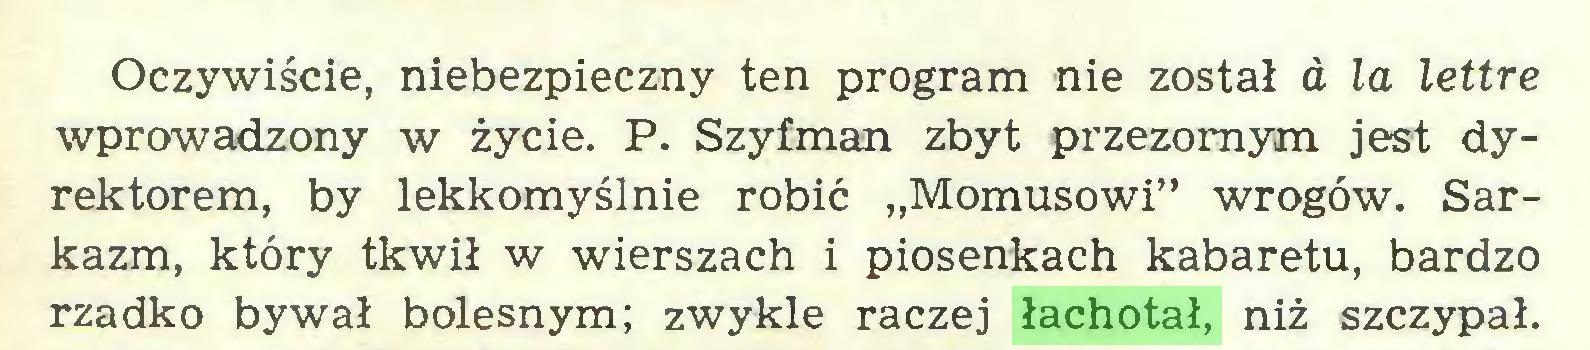 """(...) Oczywiście, niebezpieczny ten program nie został a la lettre wprowadzony w życie. P. Szyfman zbyt przezornym jest dyrektorem, by lekkomyślnie robić """"Momusowi"""" wrogów. Sarkazm, który tkwił w wierszach i piosenkach kabaretu, bardzo rzadko bywał bolesnym; zwykle raczej łachotał, niż szczypał..."""